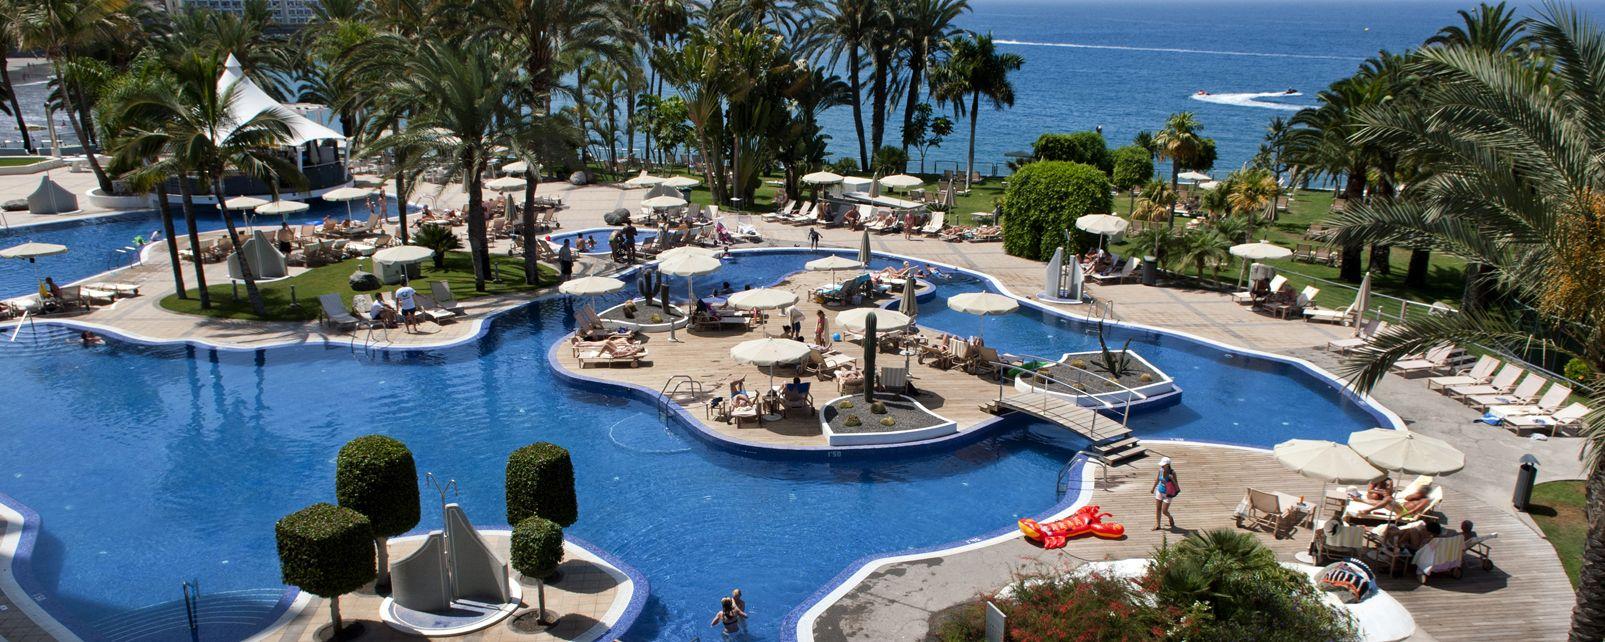 Palm Beach Gran Canaria Booking